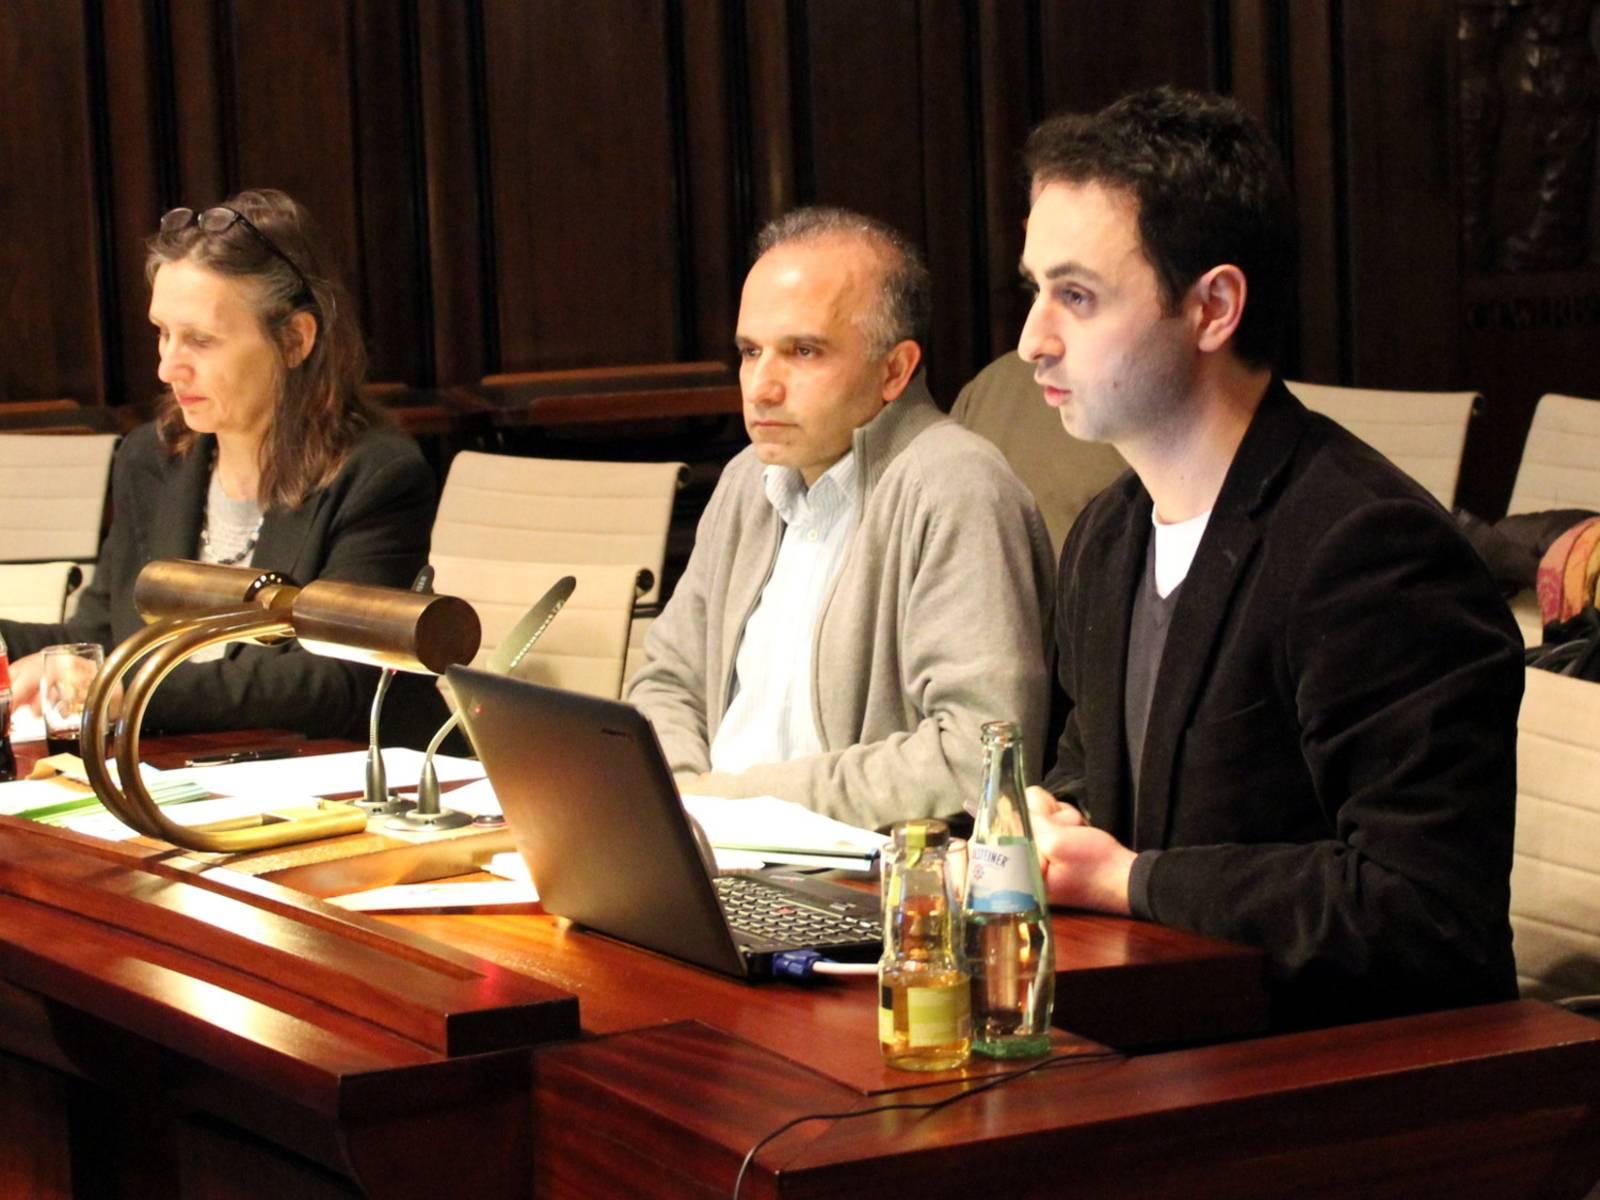 Drei Personen sitzen nebeneinander im Hodlersaal hinter Pulten. Die rechte Person sitzt hinter einem Notebook und spricht.Murtskhvaladze